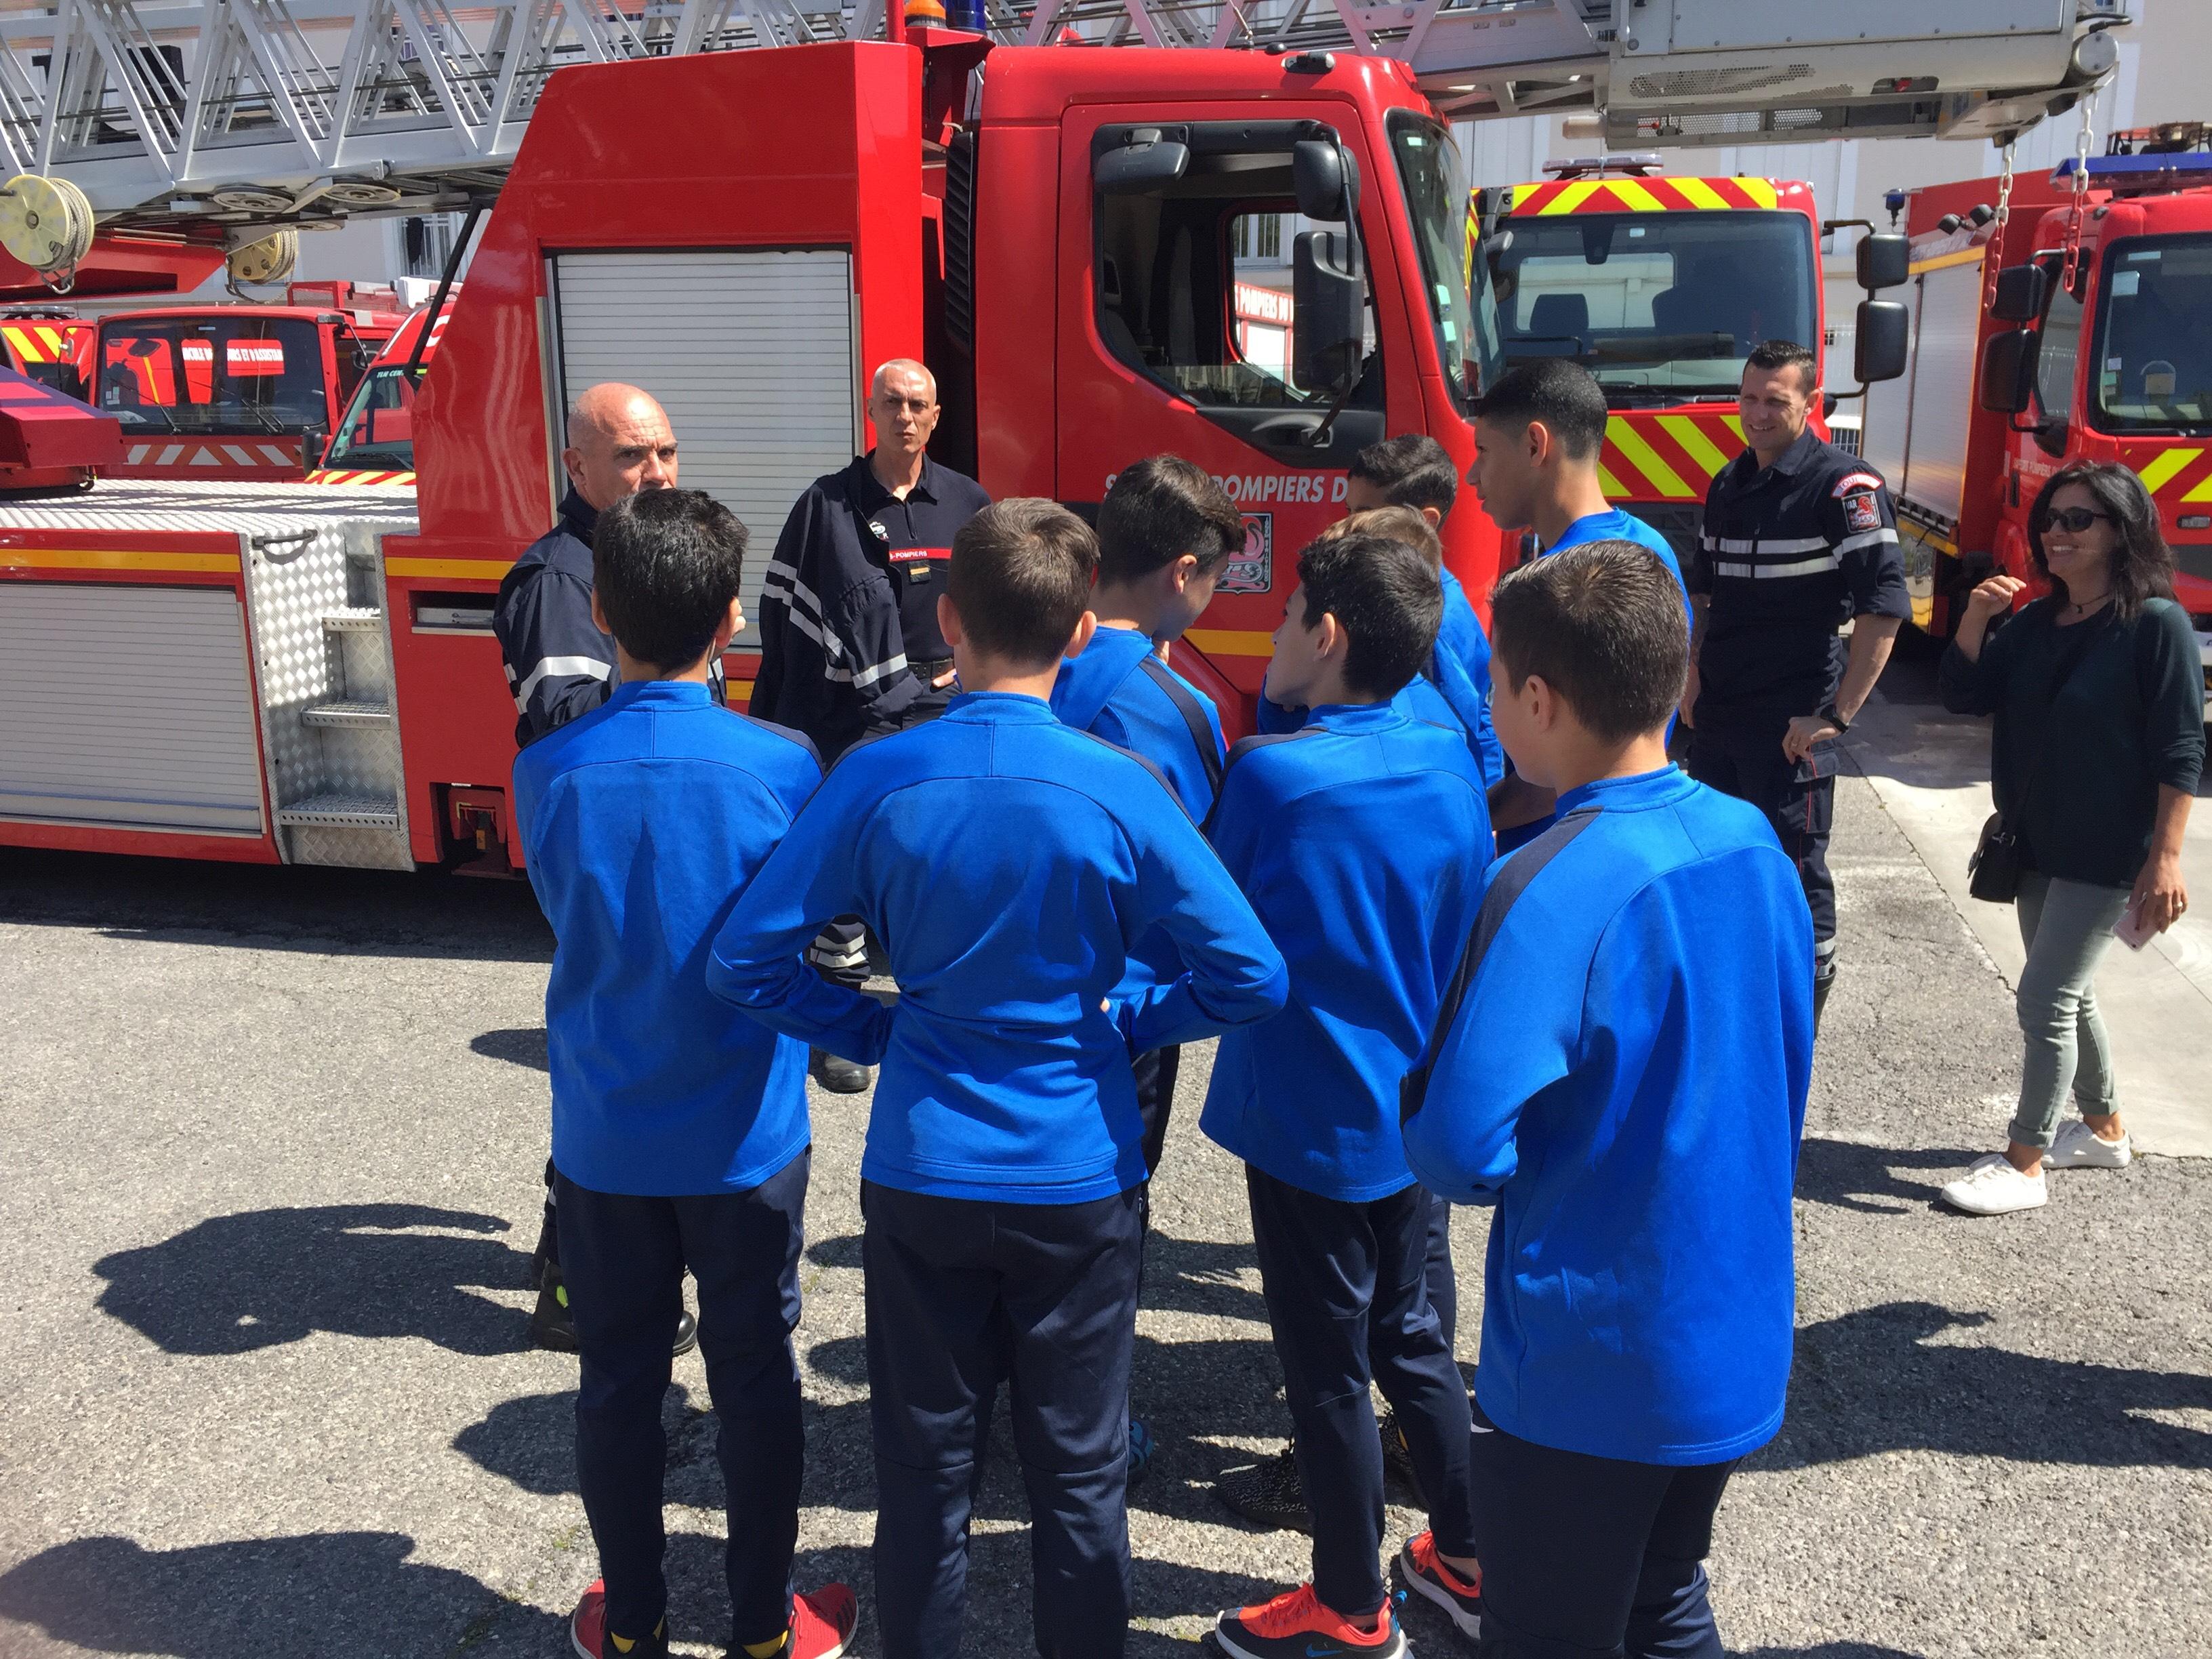 PEF Avril 2019 chez les pompiers (15).jpeg